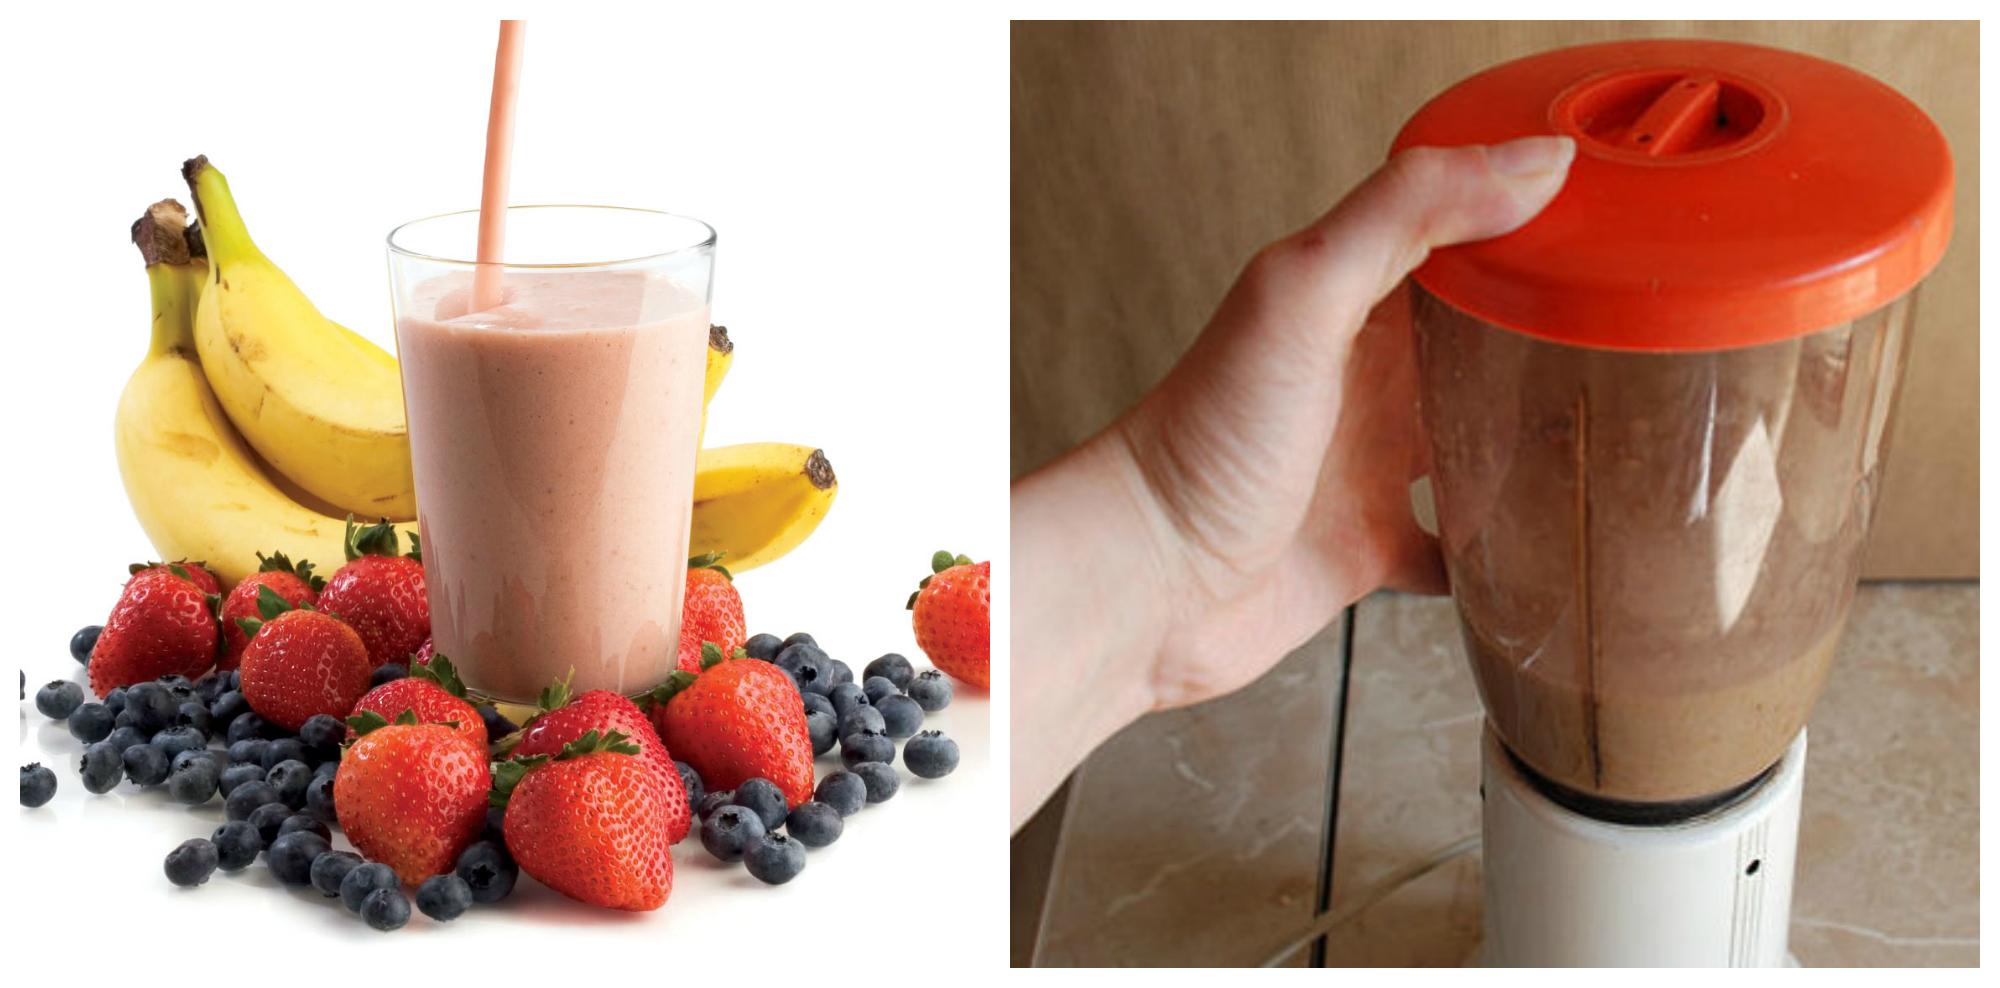 Коктейли Для Похудения На Основе Молока. Как приготовить молочный коктейль для похудения? Простые рецепты